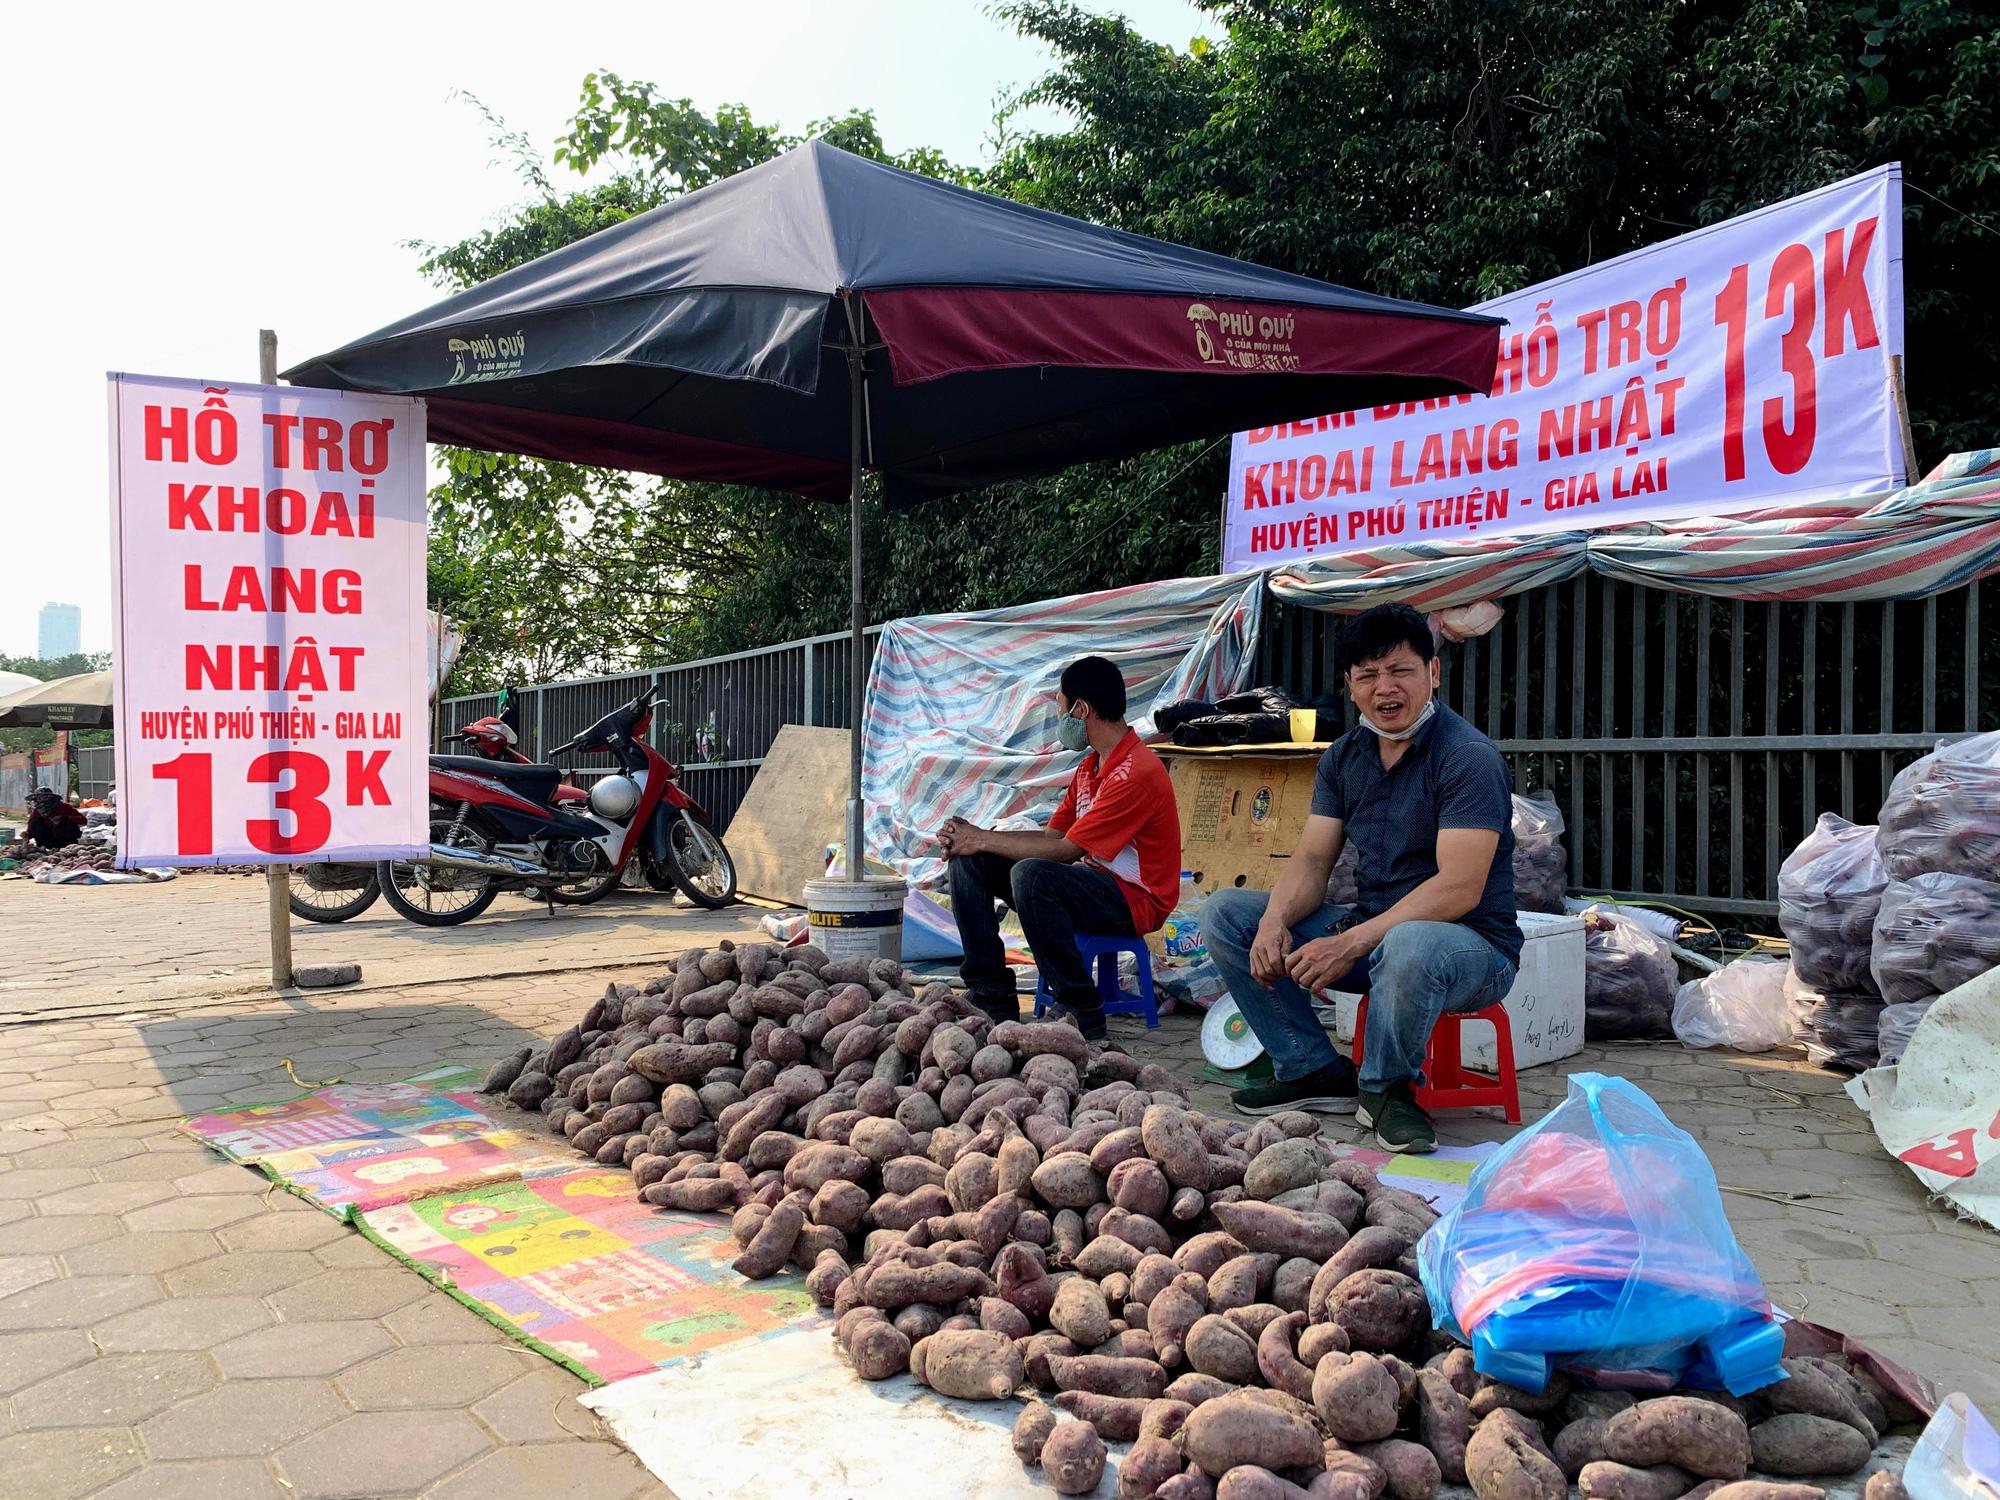 Hàng trăm tấn khoai lang nằm dài trên đường phố Hà Nội chờ 'giải cứu' - Ảnh 1.